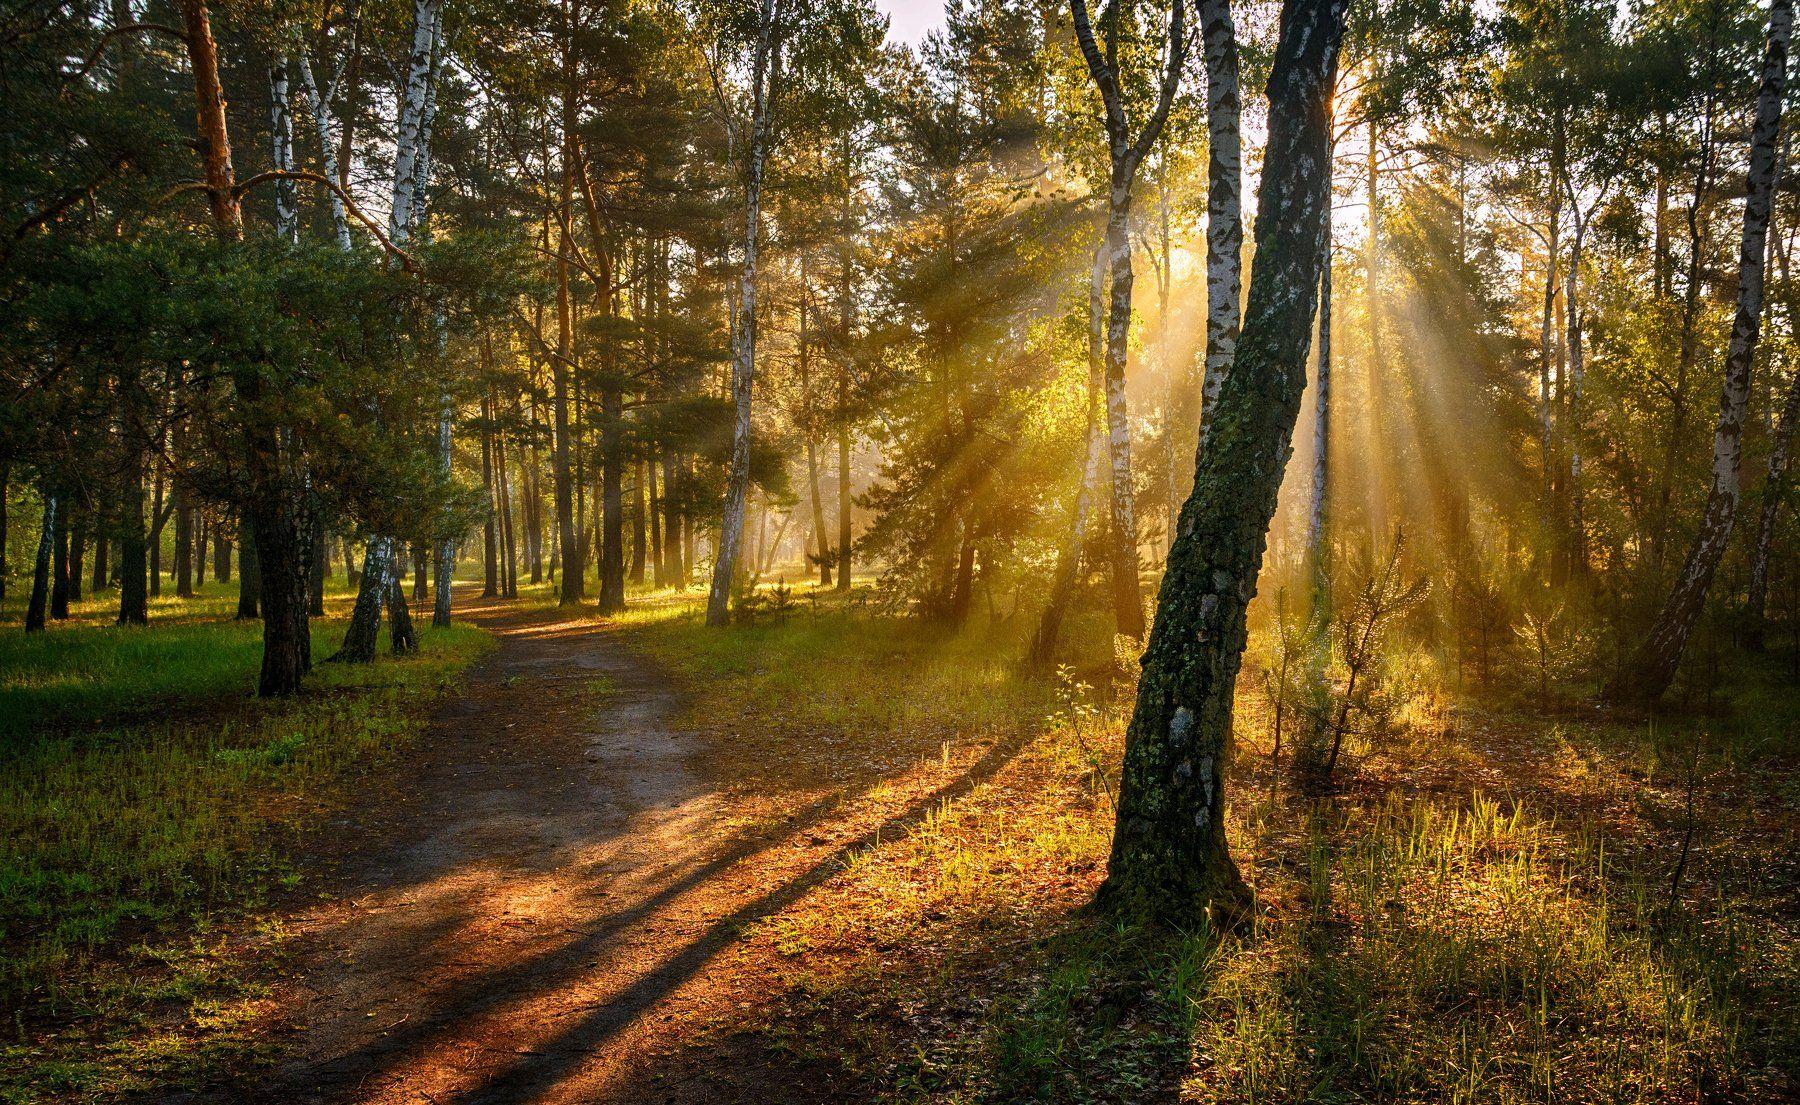 landscape, пейзаж,  лес, сосны, деревья,  природа, прогулка, дорога, проселок, березы, утро, солнечный свет, солнечные лучи, Михаил MSH